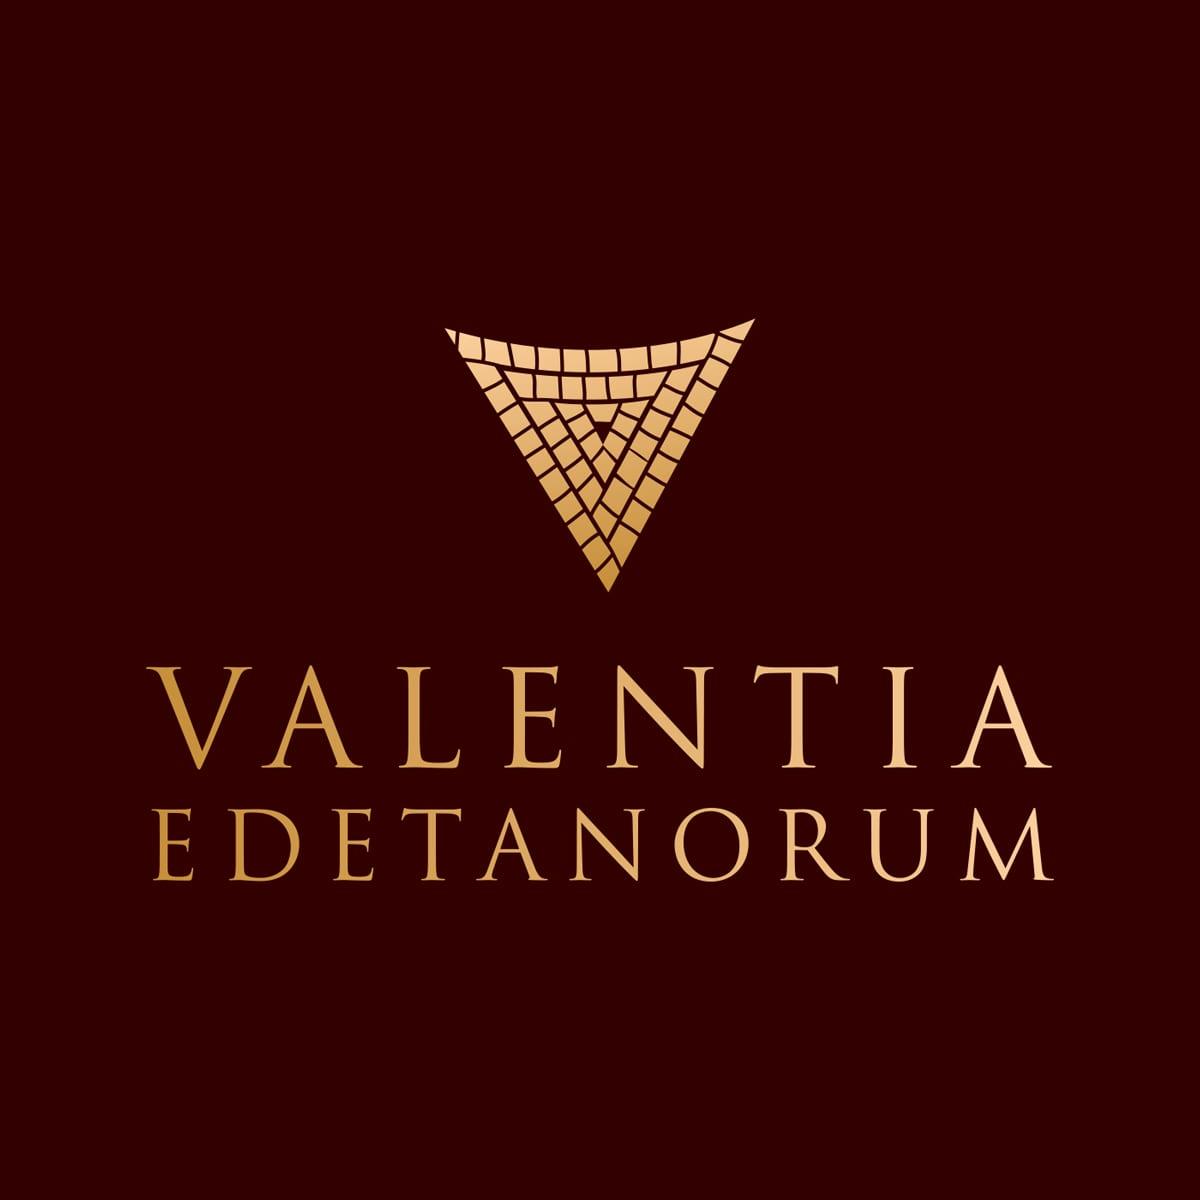 Valentia, diseño de logotipo y botella de vino con caja